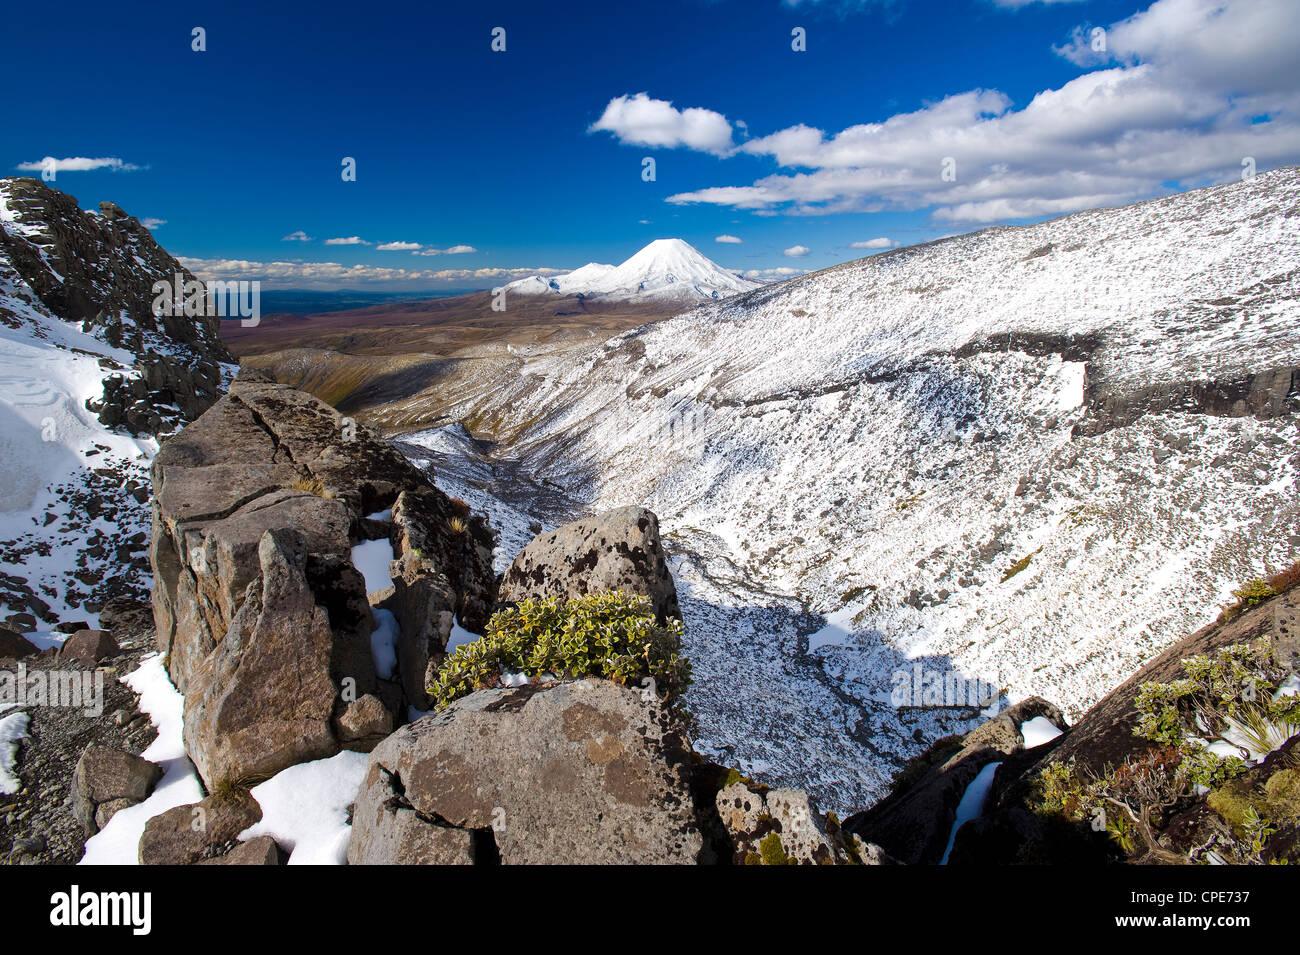 Mount Ngauruhoe, Tongariro National Park, UNESCO World Heritage Site, North Island, New Zealand, Pacific - Stock Image